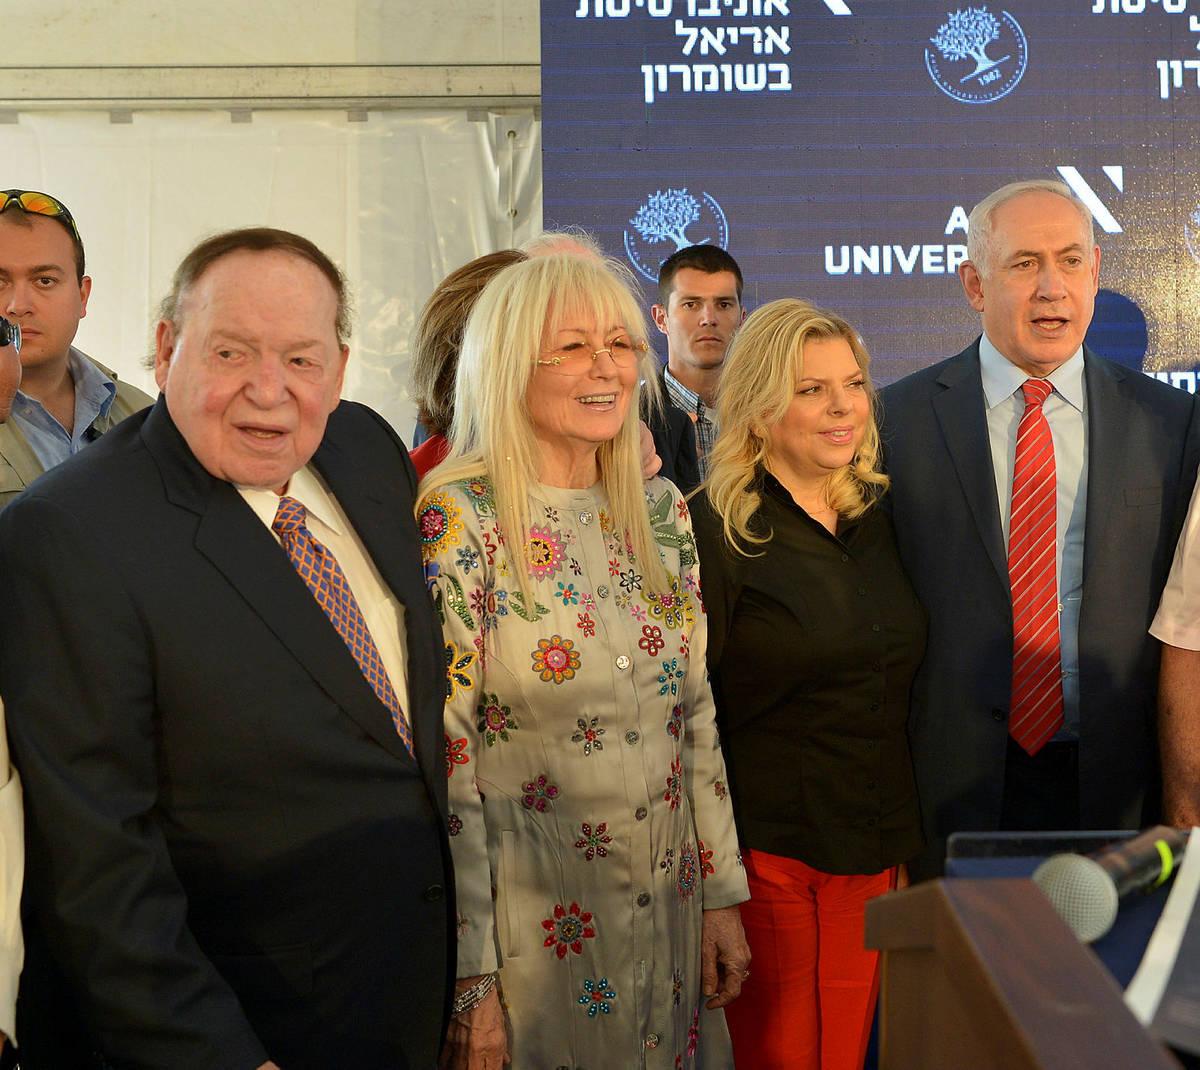 From left, Sheldon Adelson, Mariam Adelson, Sara Netanyahu, Benjamin Netanyahu (Photo by Yossi ...